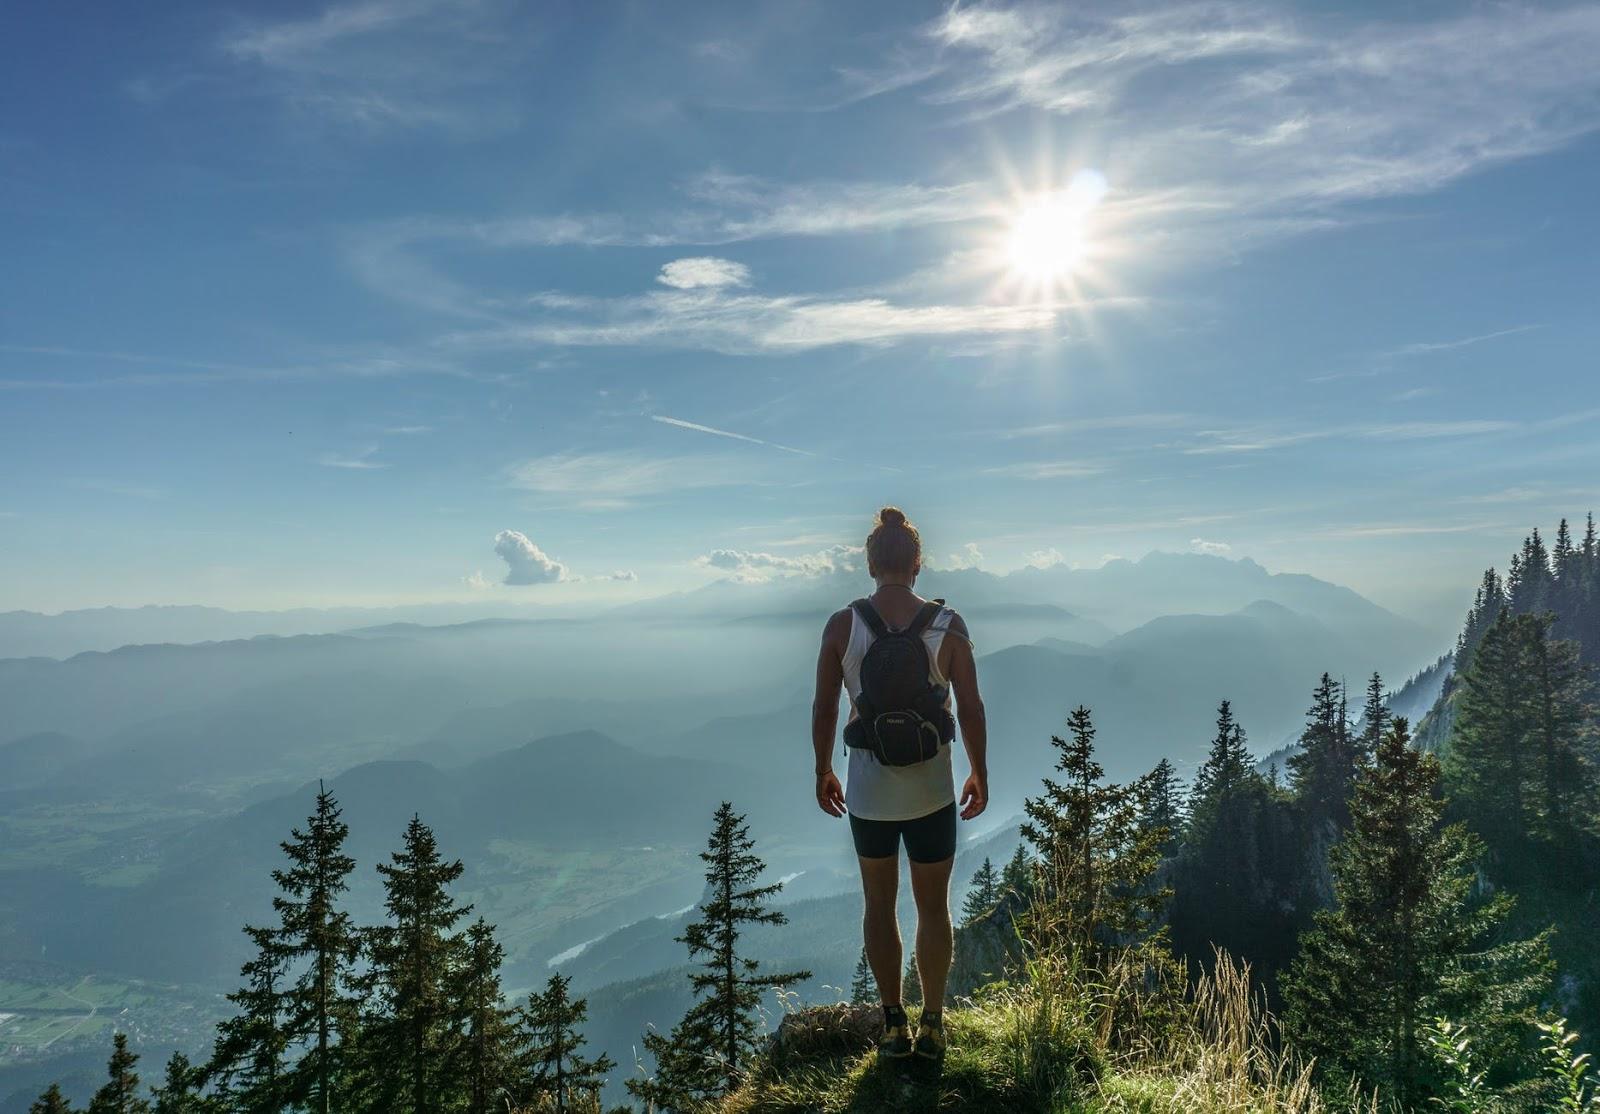 santé nature pharmacie forme minceur sport alimentation bien être